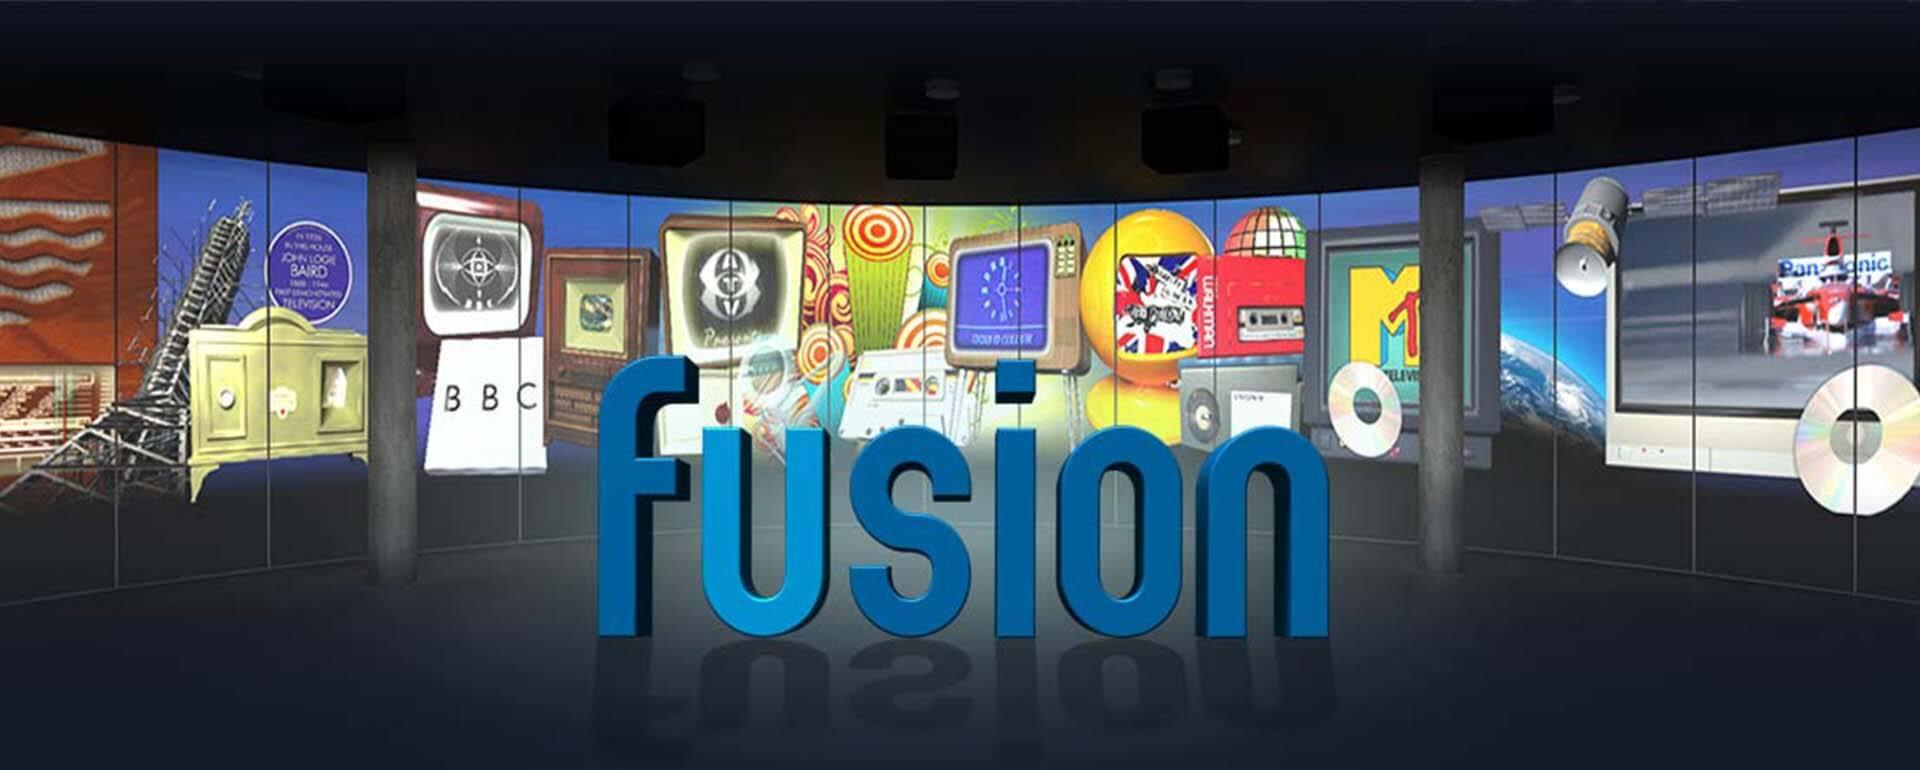 Fusion Watchout Show Forum Trust